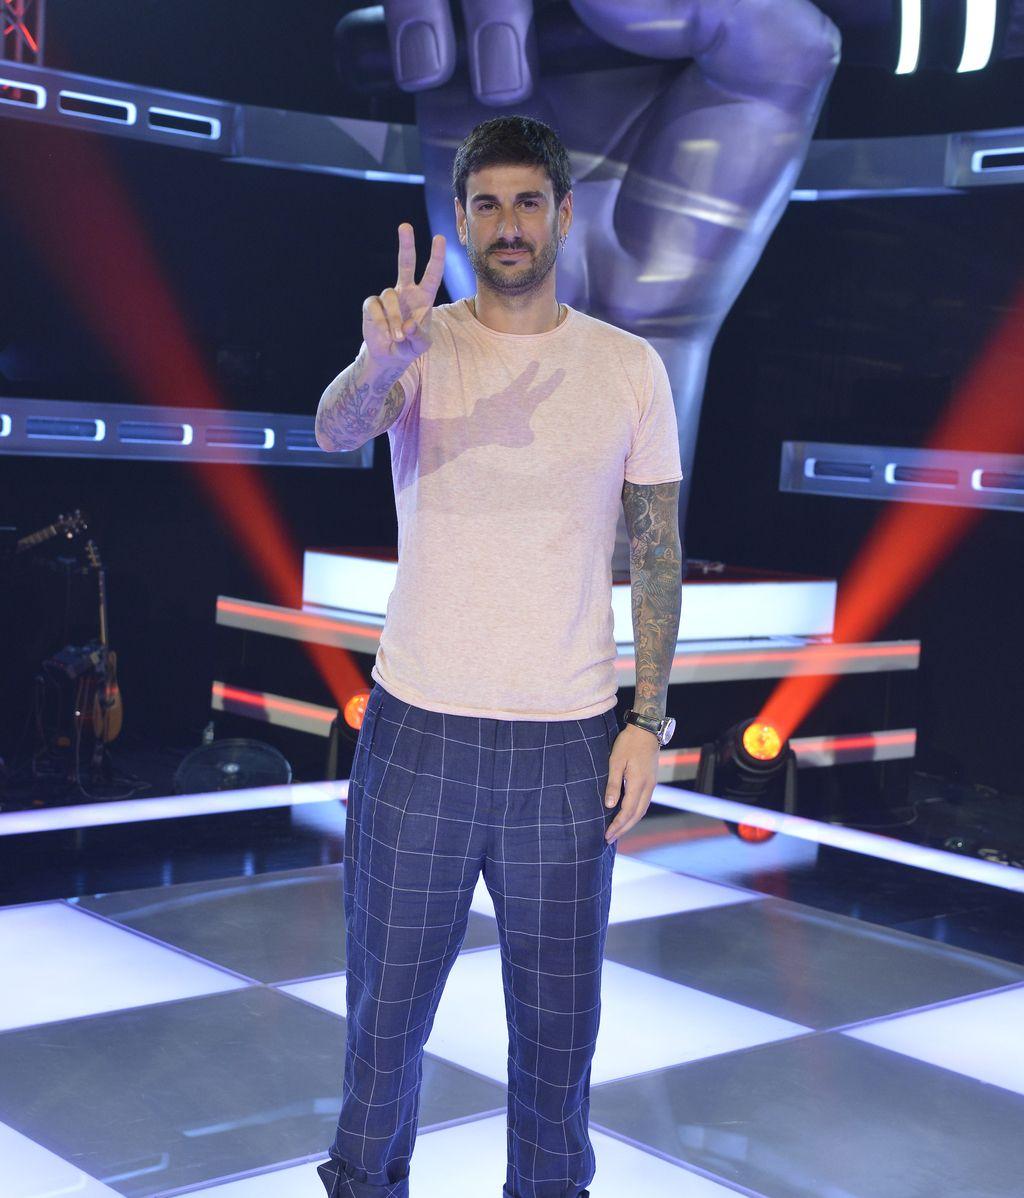 Melendi, 'coach' de la cuarta edición del programa de Telecinco 'La voz kids'